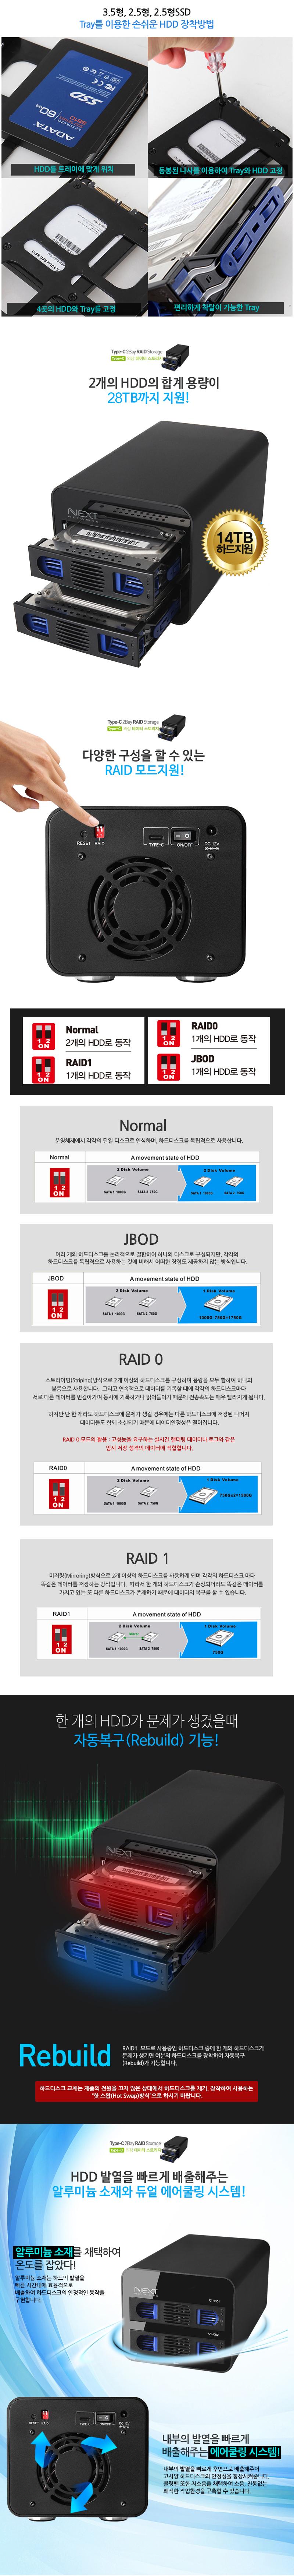 이지넷유비쿼터스 넥스트 NEXT-702TC RAID (16TB)